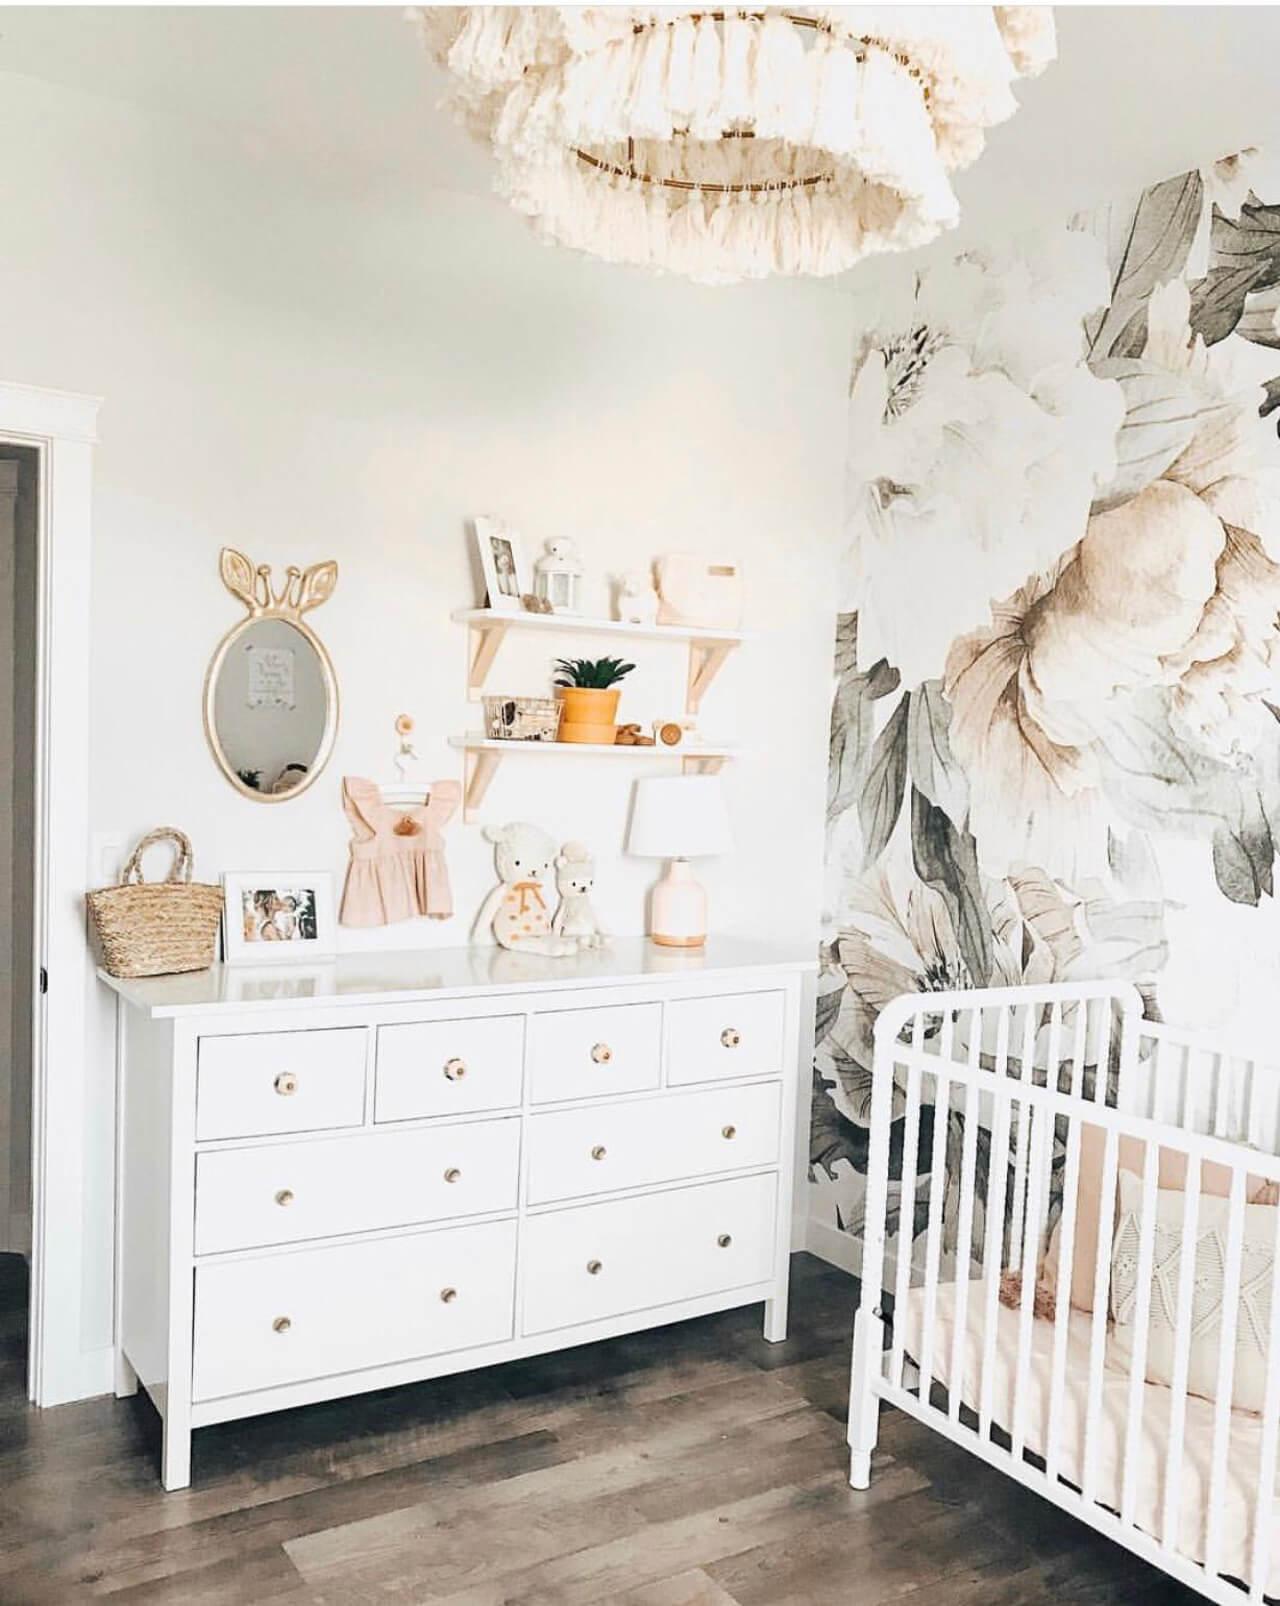 Pretty baby girl nursery decor! - M Loves M @marmar